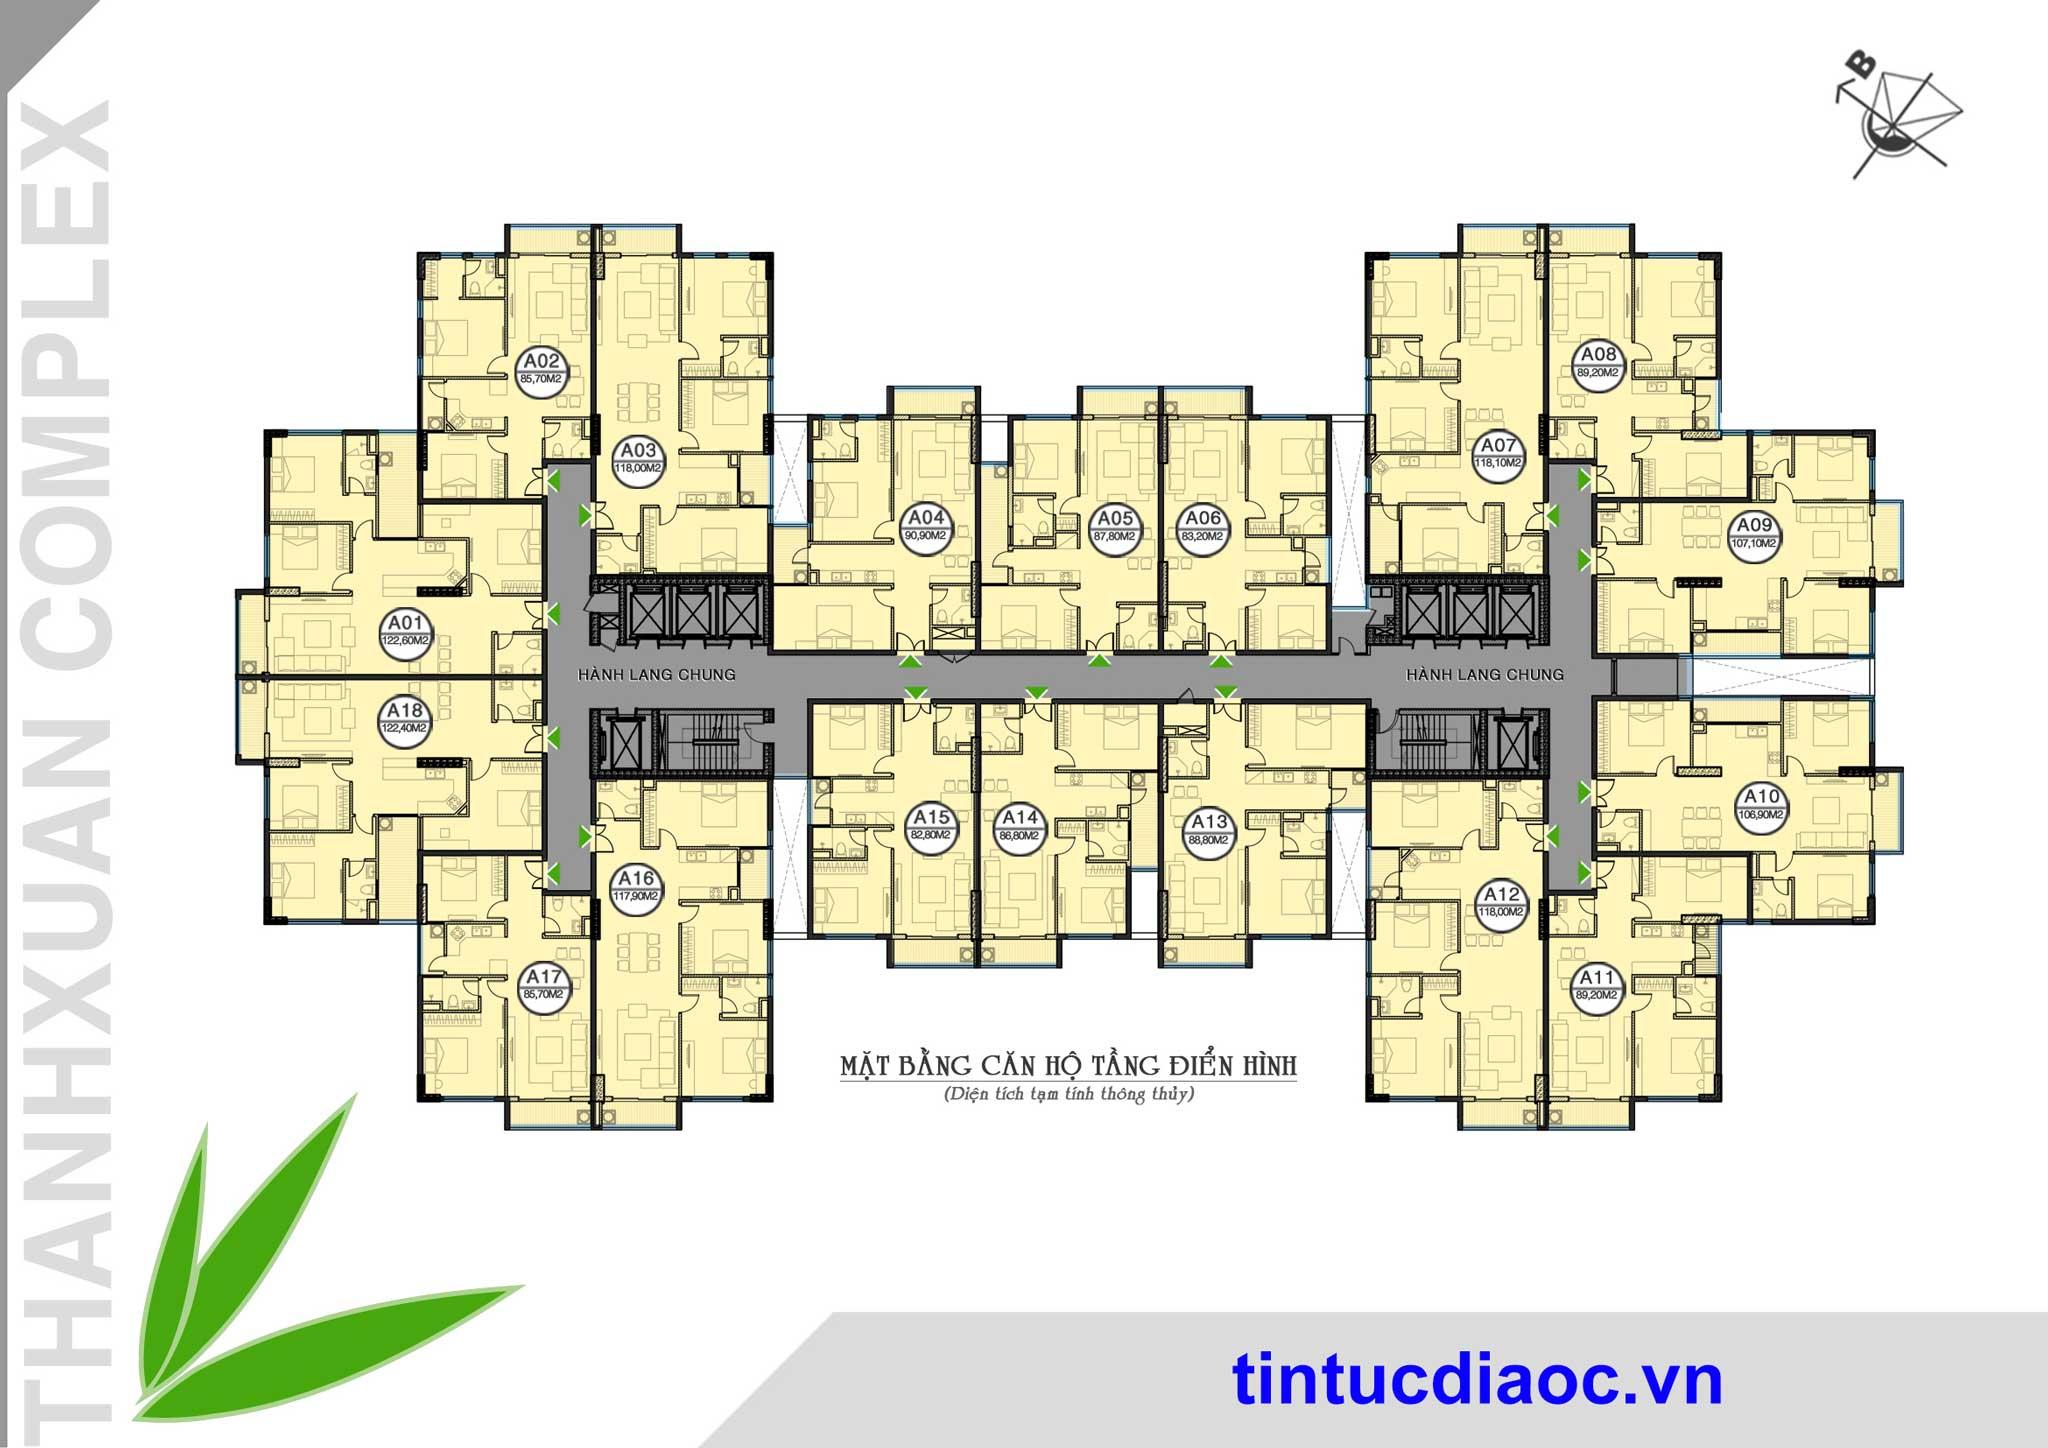 Chung cư Thanh Xuân Complex - Hapulico 24T3